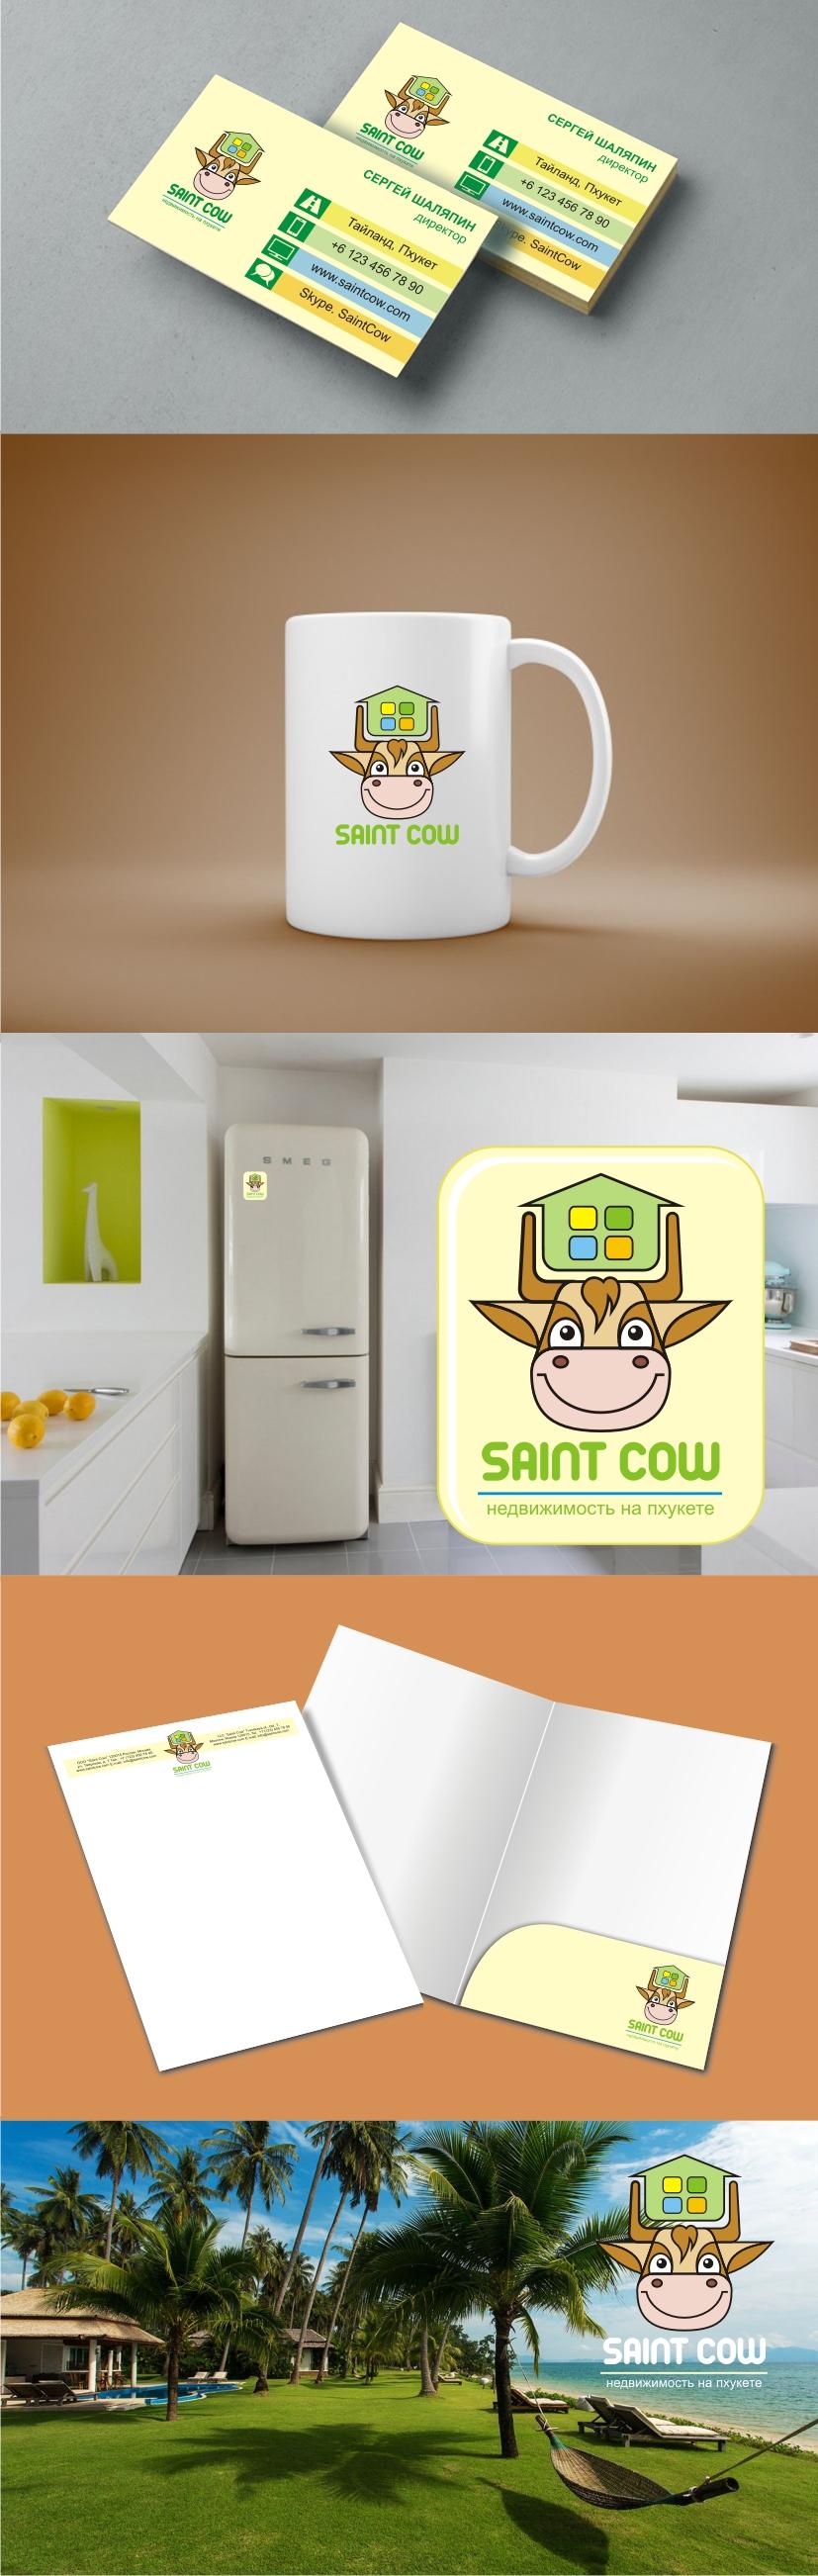 Фирменный стиль для компании Saint Cow фото f_31959c4de08b635e.jpg